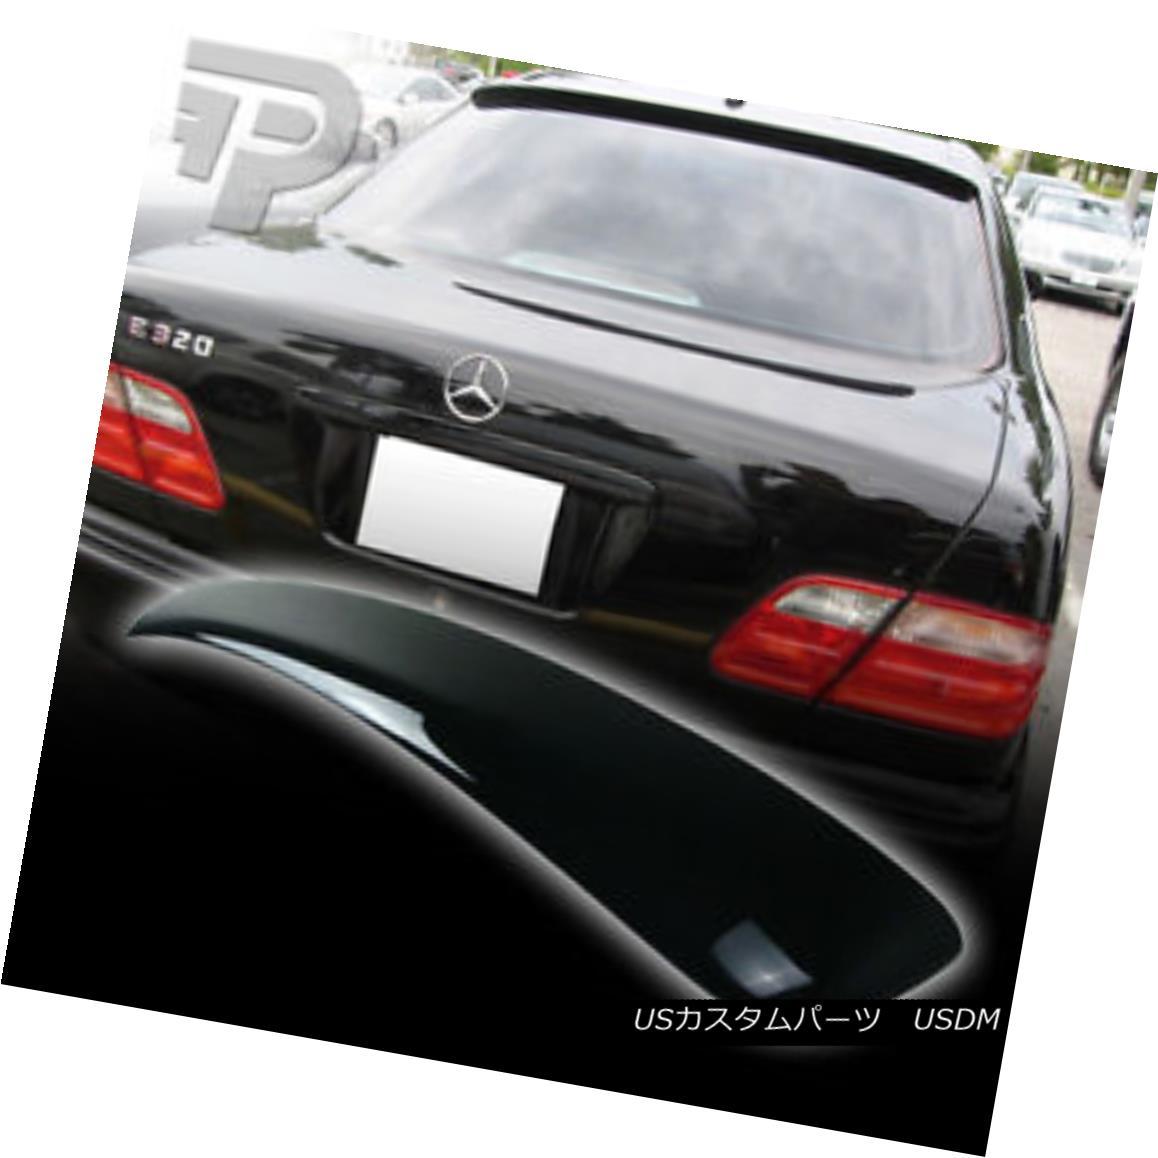 エアロパーツ PAINTED Mercedes BENZ W210 L STYLE REAR ROOF SPOILER 4DR SEDAN 040 ▼ 塗装されたメルセデスベンツW210 Lスタイル後部ルーフスポイラー4DRセダン040?